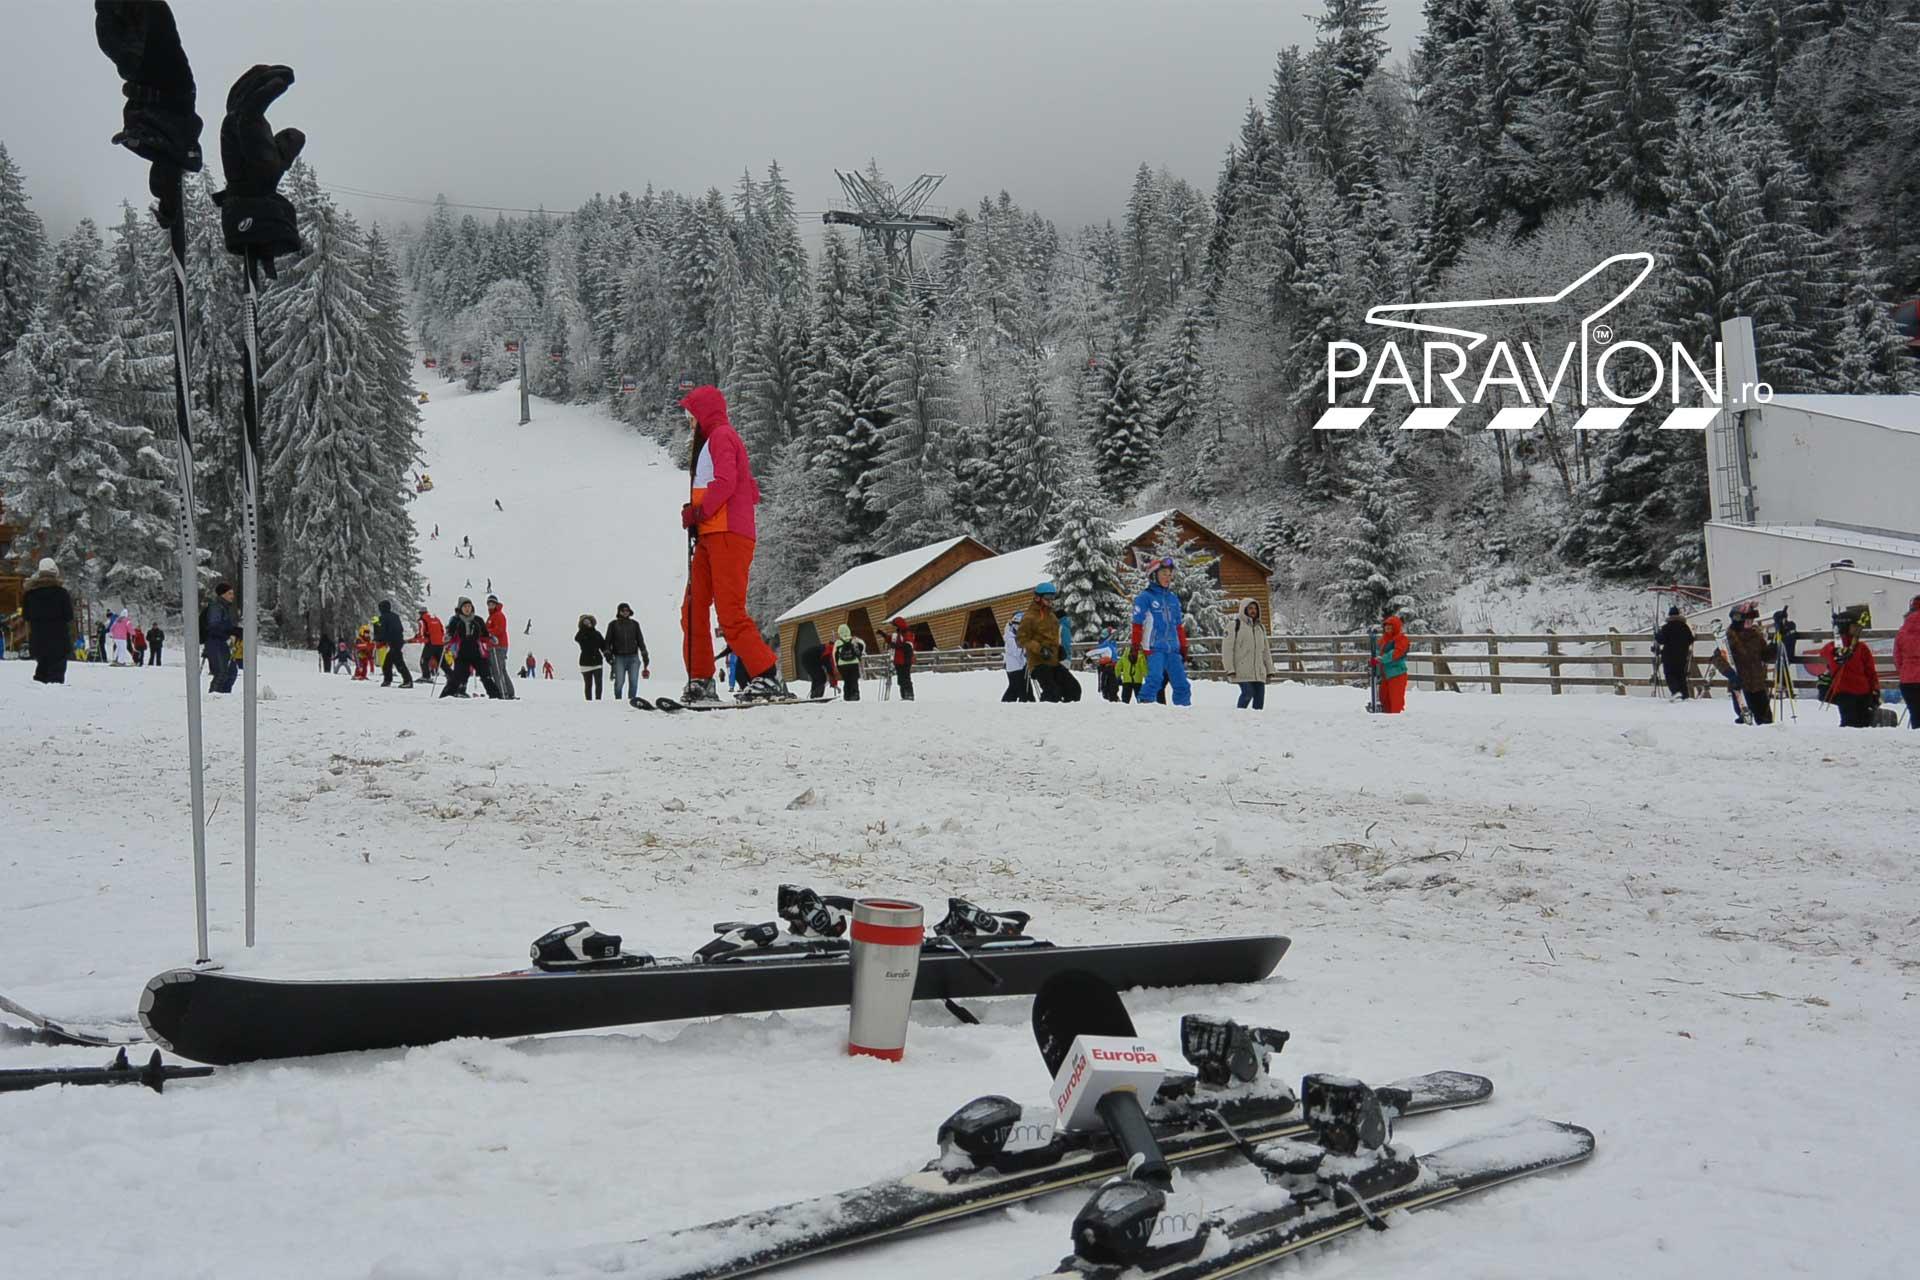 La-munte-iarna-pe-schiuri-paravion